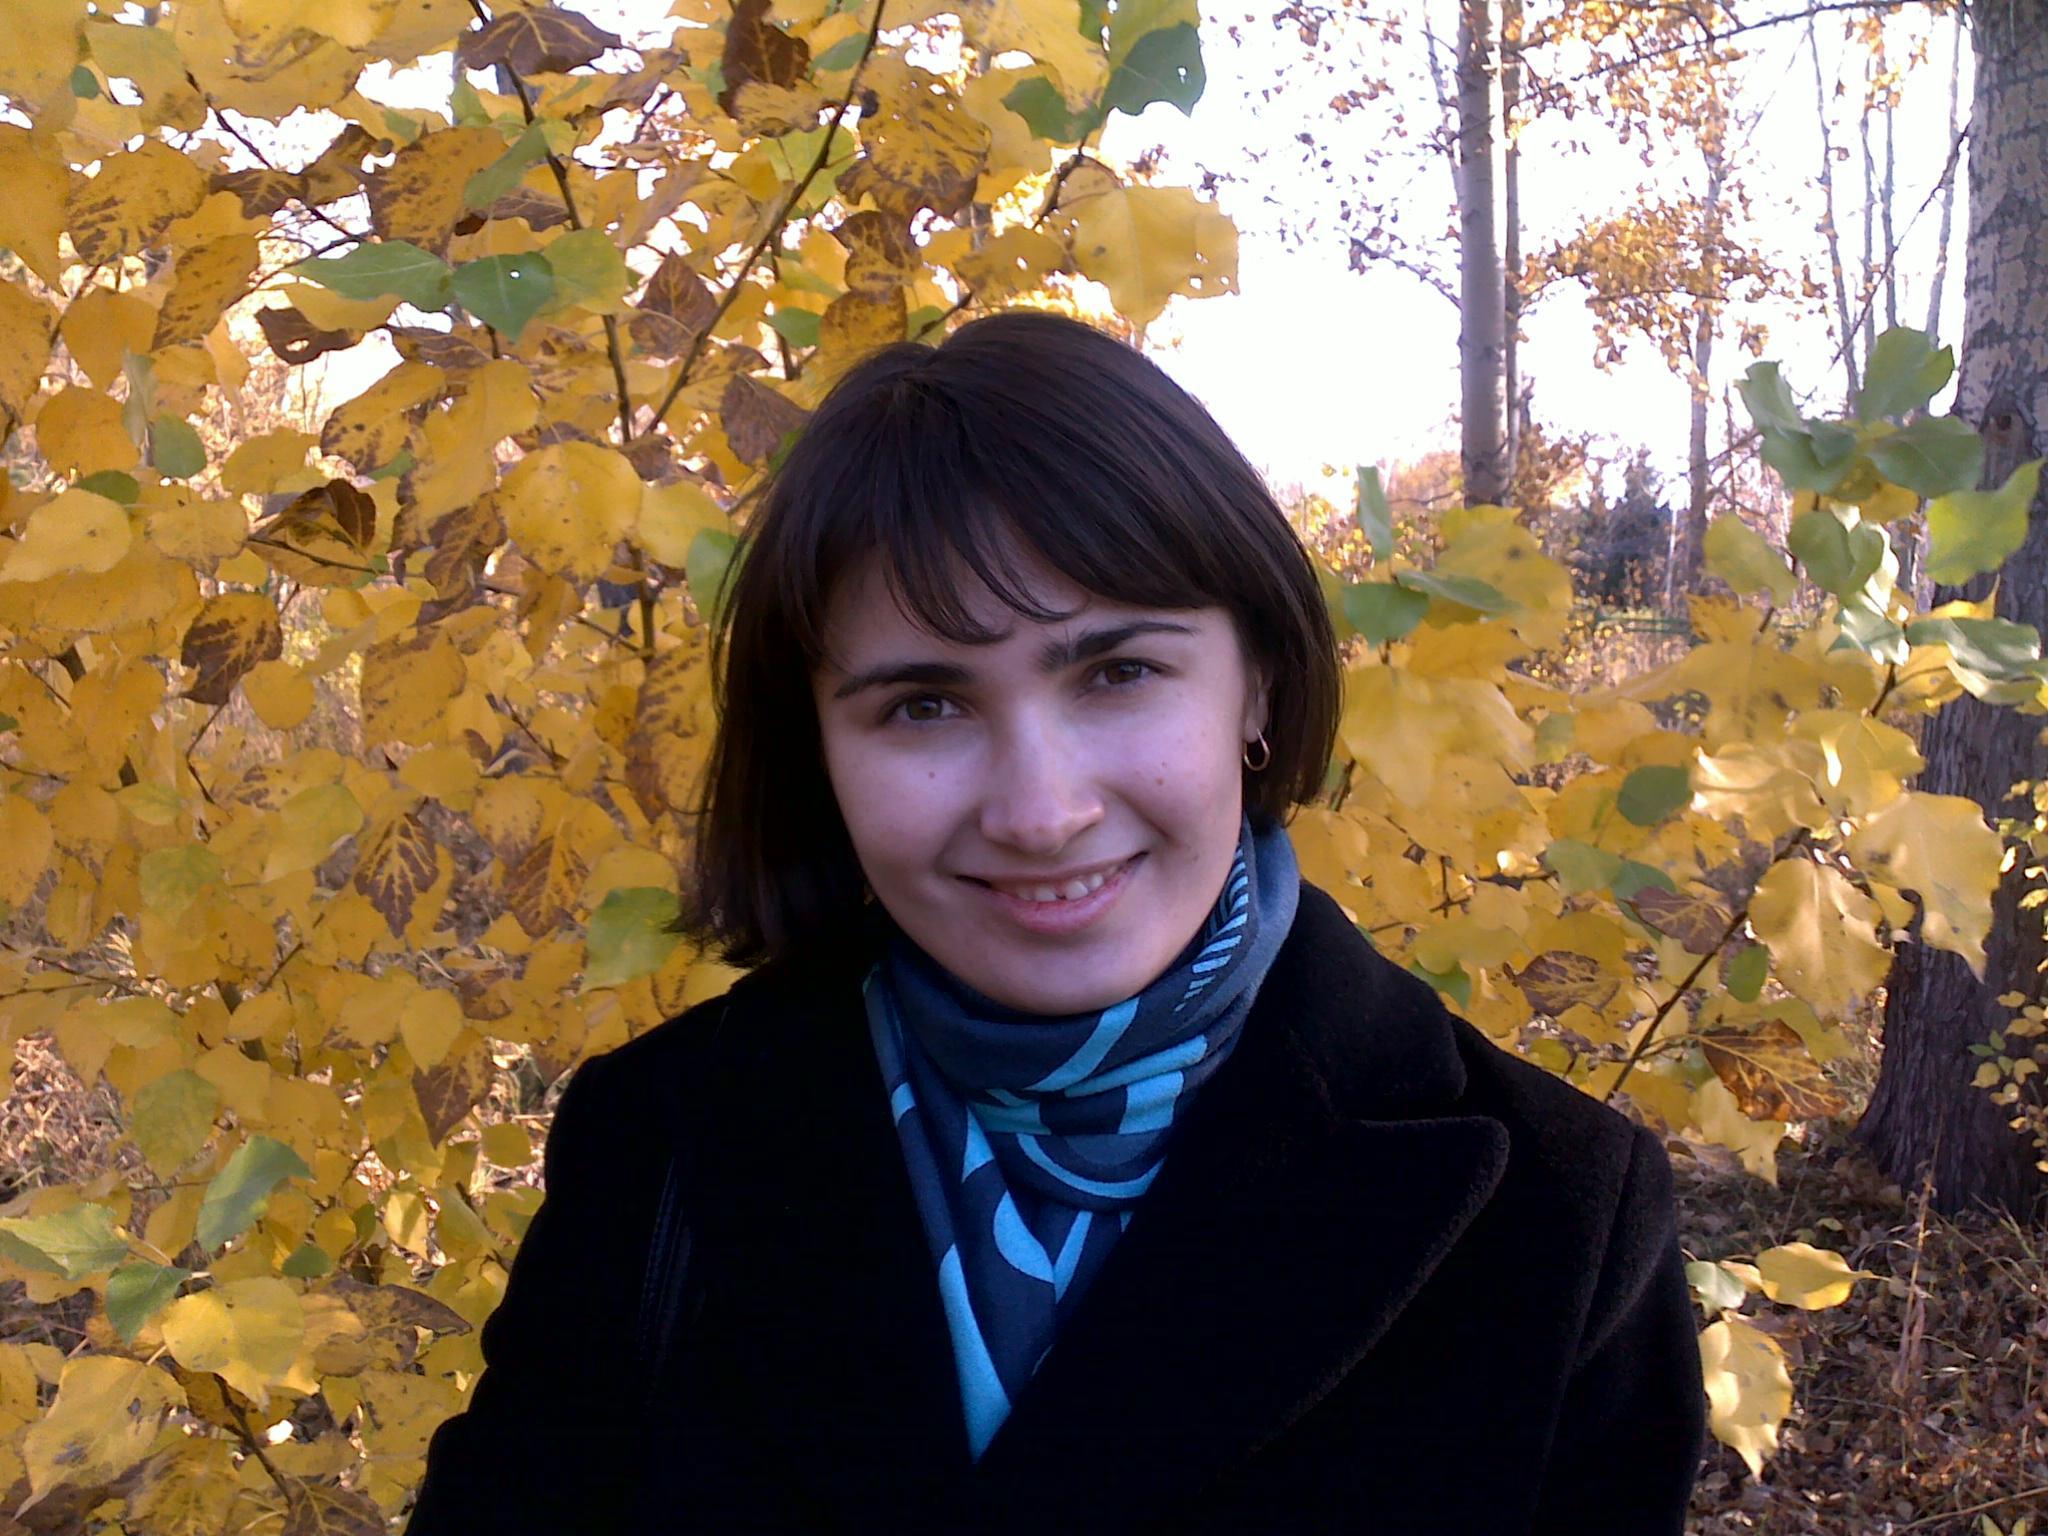 Осень в парке и я. Осенний образ